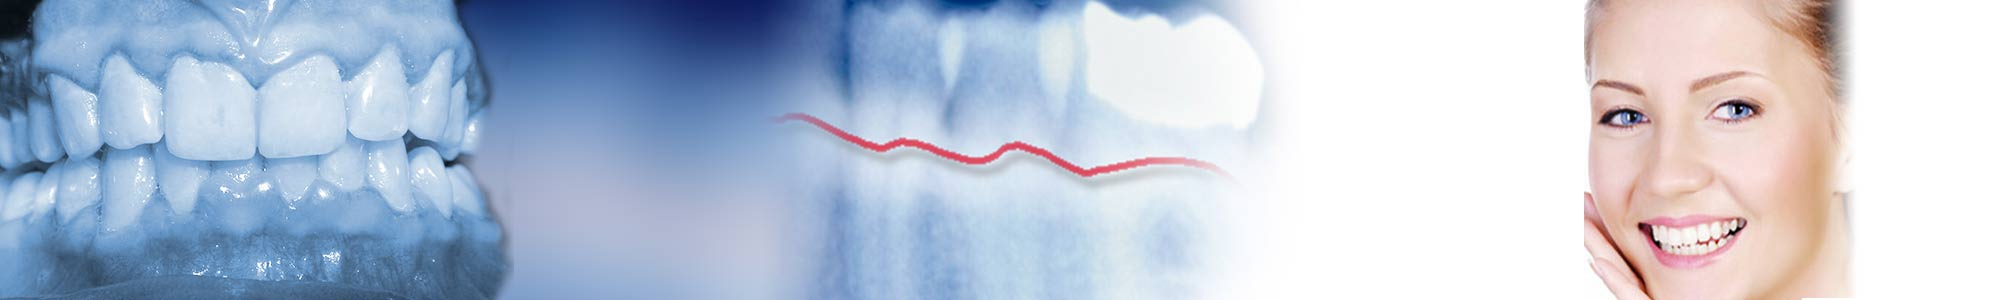 parodontie- Polyclinique dentaire Européenne - Tours - Région Centre - Spécialités dentaires